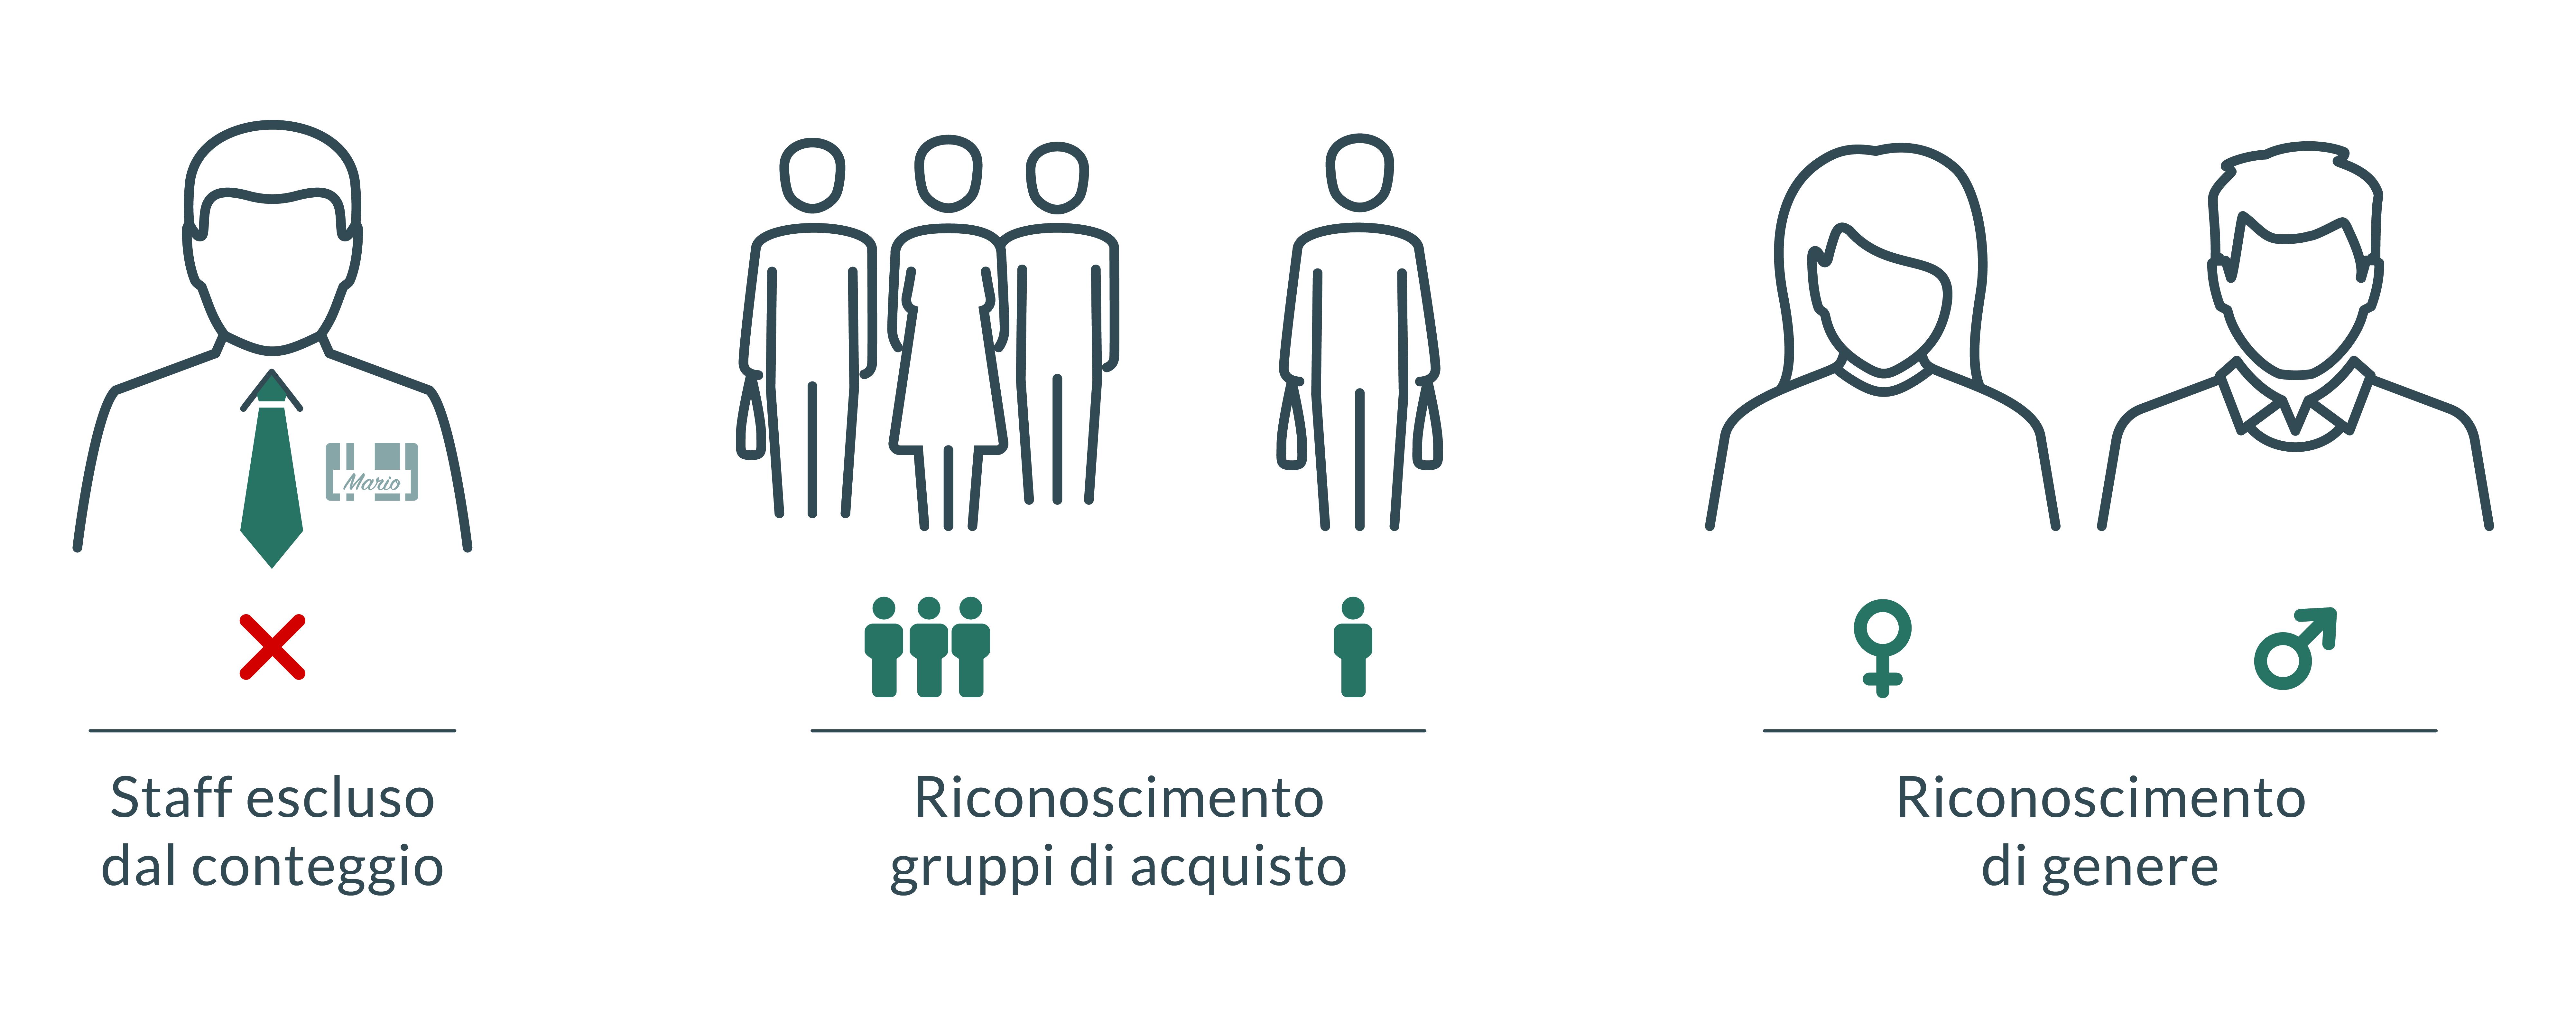 esclusione staff, identificazione e conteggio dei gruppi di acquisto, riconoscimento del gender (maschio/femmina)